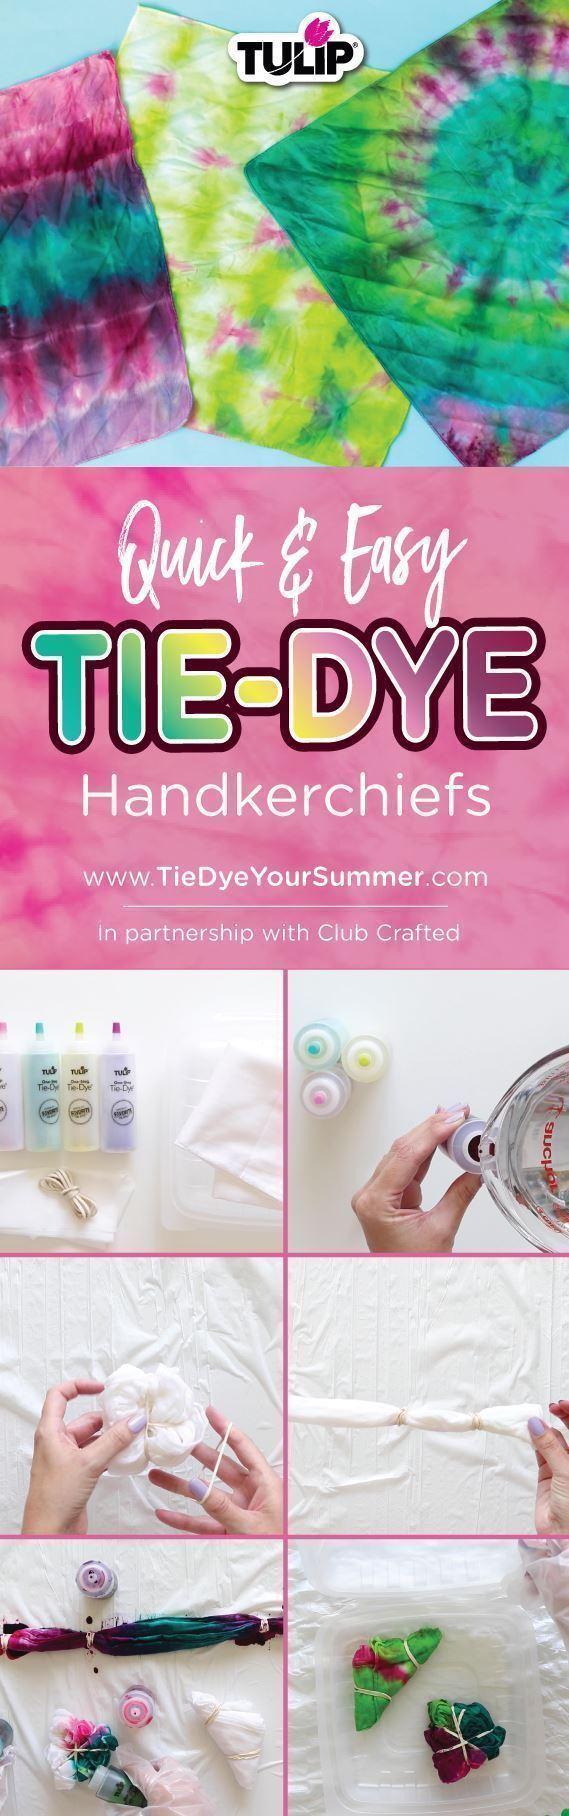 Tulip Quick & Easy Tie-Dye Handkerchiefs